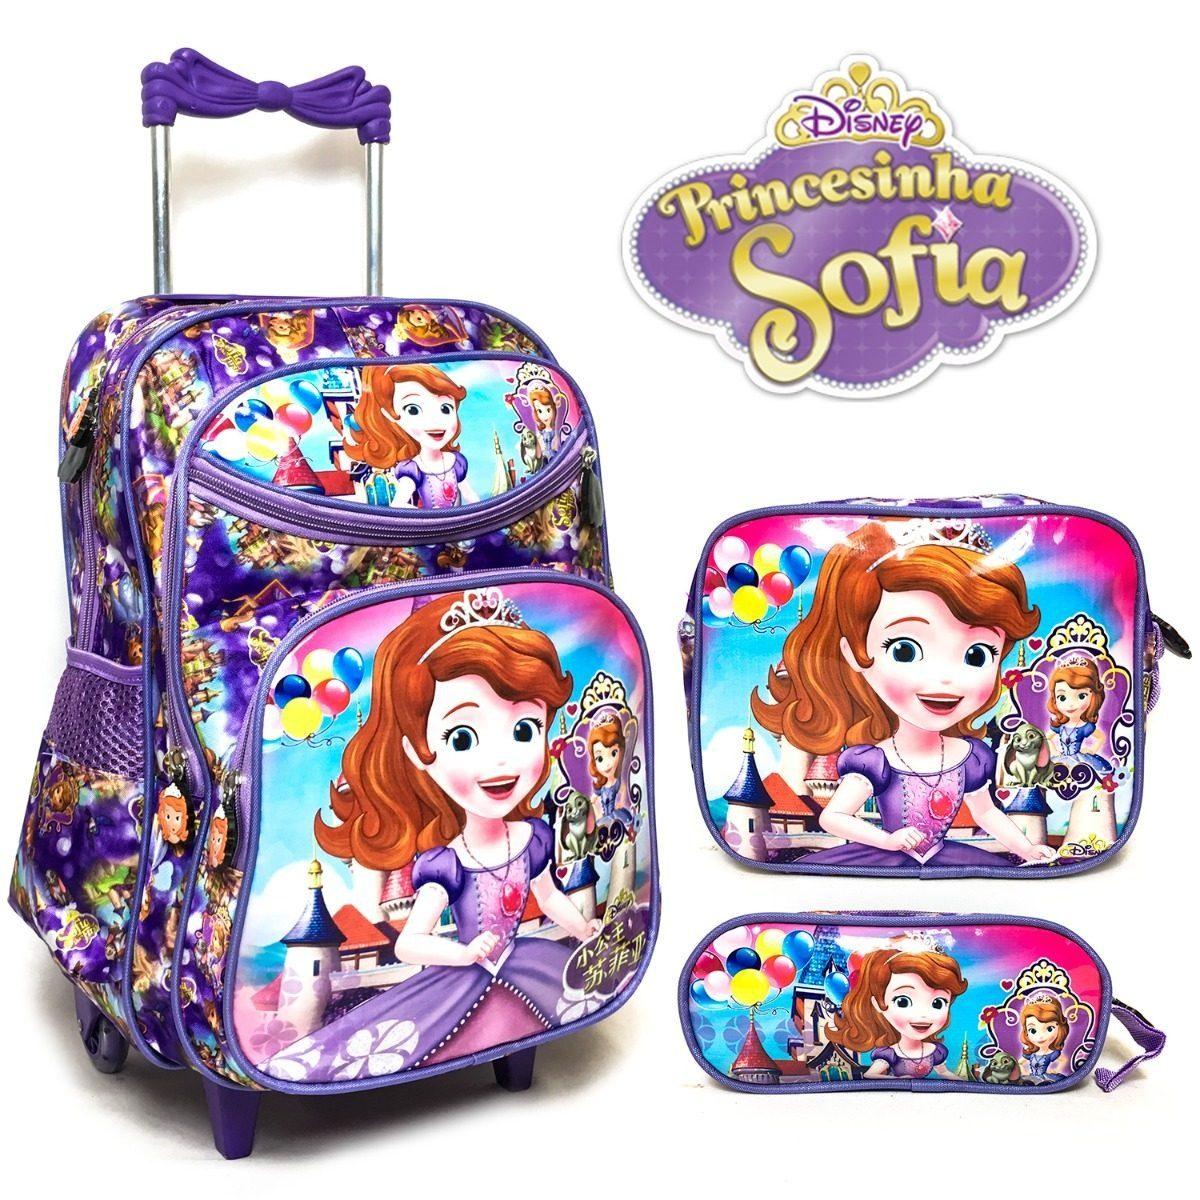 bb16a1a6b Kit Mochila Rodinha Lancheira Estojo Princesa Sofia 2 - R$ 168,90 em ...